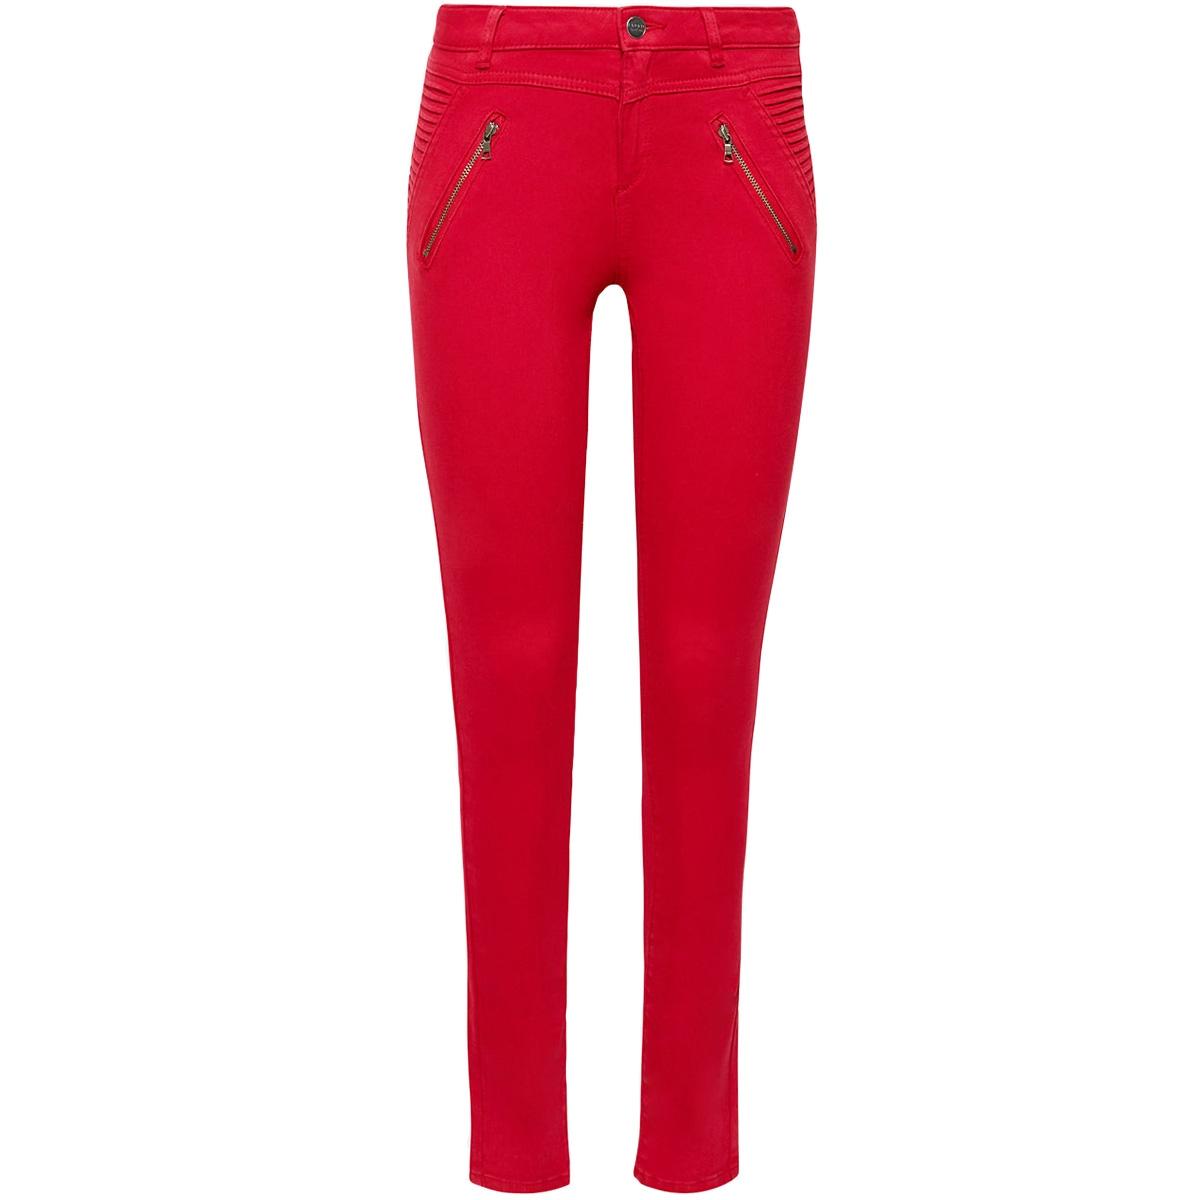 128ee1b022 esprit jeans e630